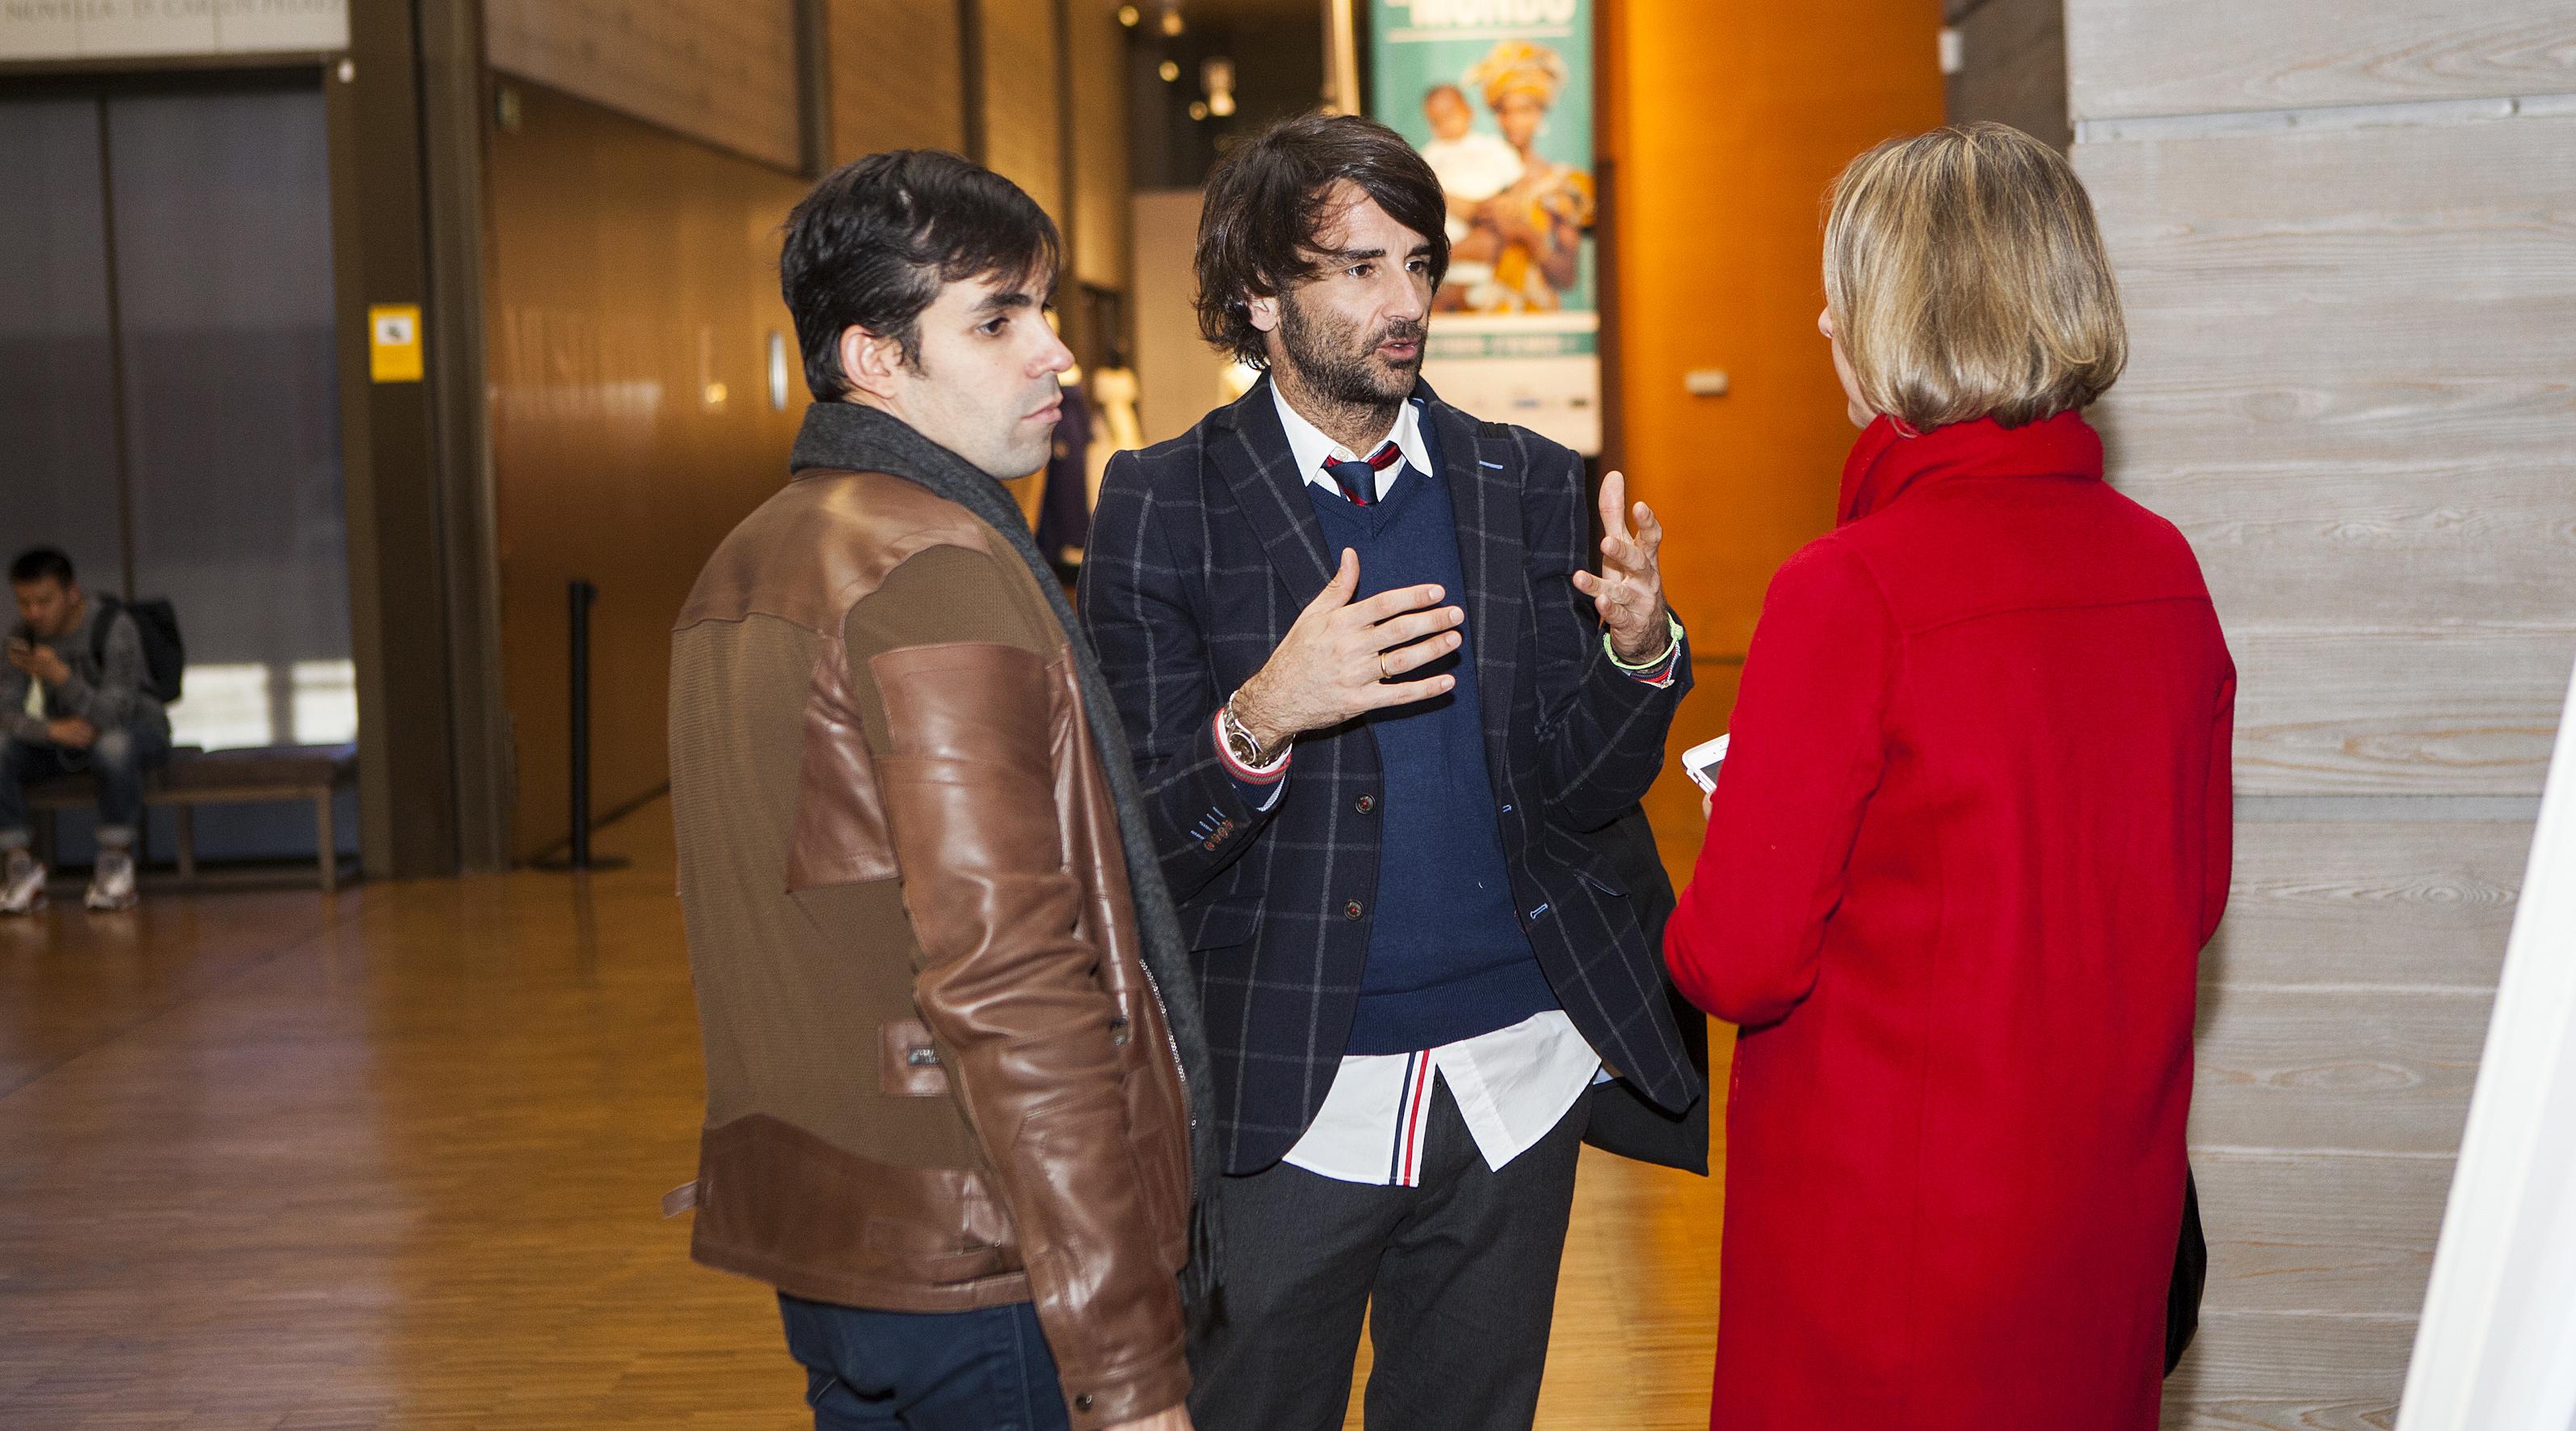 Asistente a las X Jornadas Moda y Comunicacion con Antonio Riera de El Ganso con la diseñadora Kerstin Krause. Foto: Carlos de la Osa.